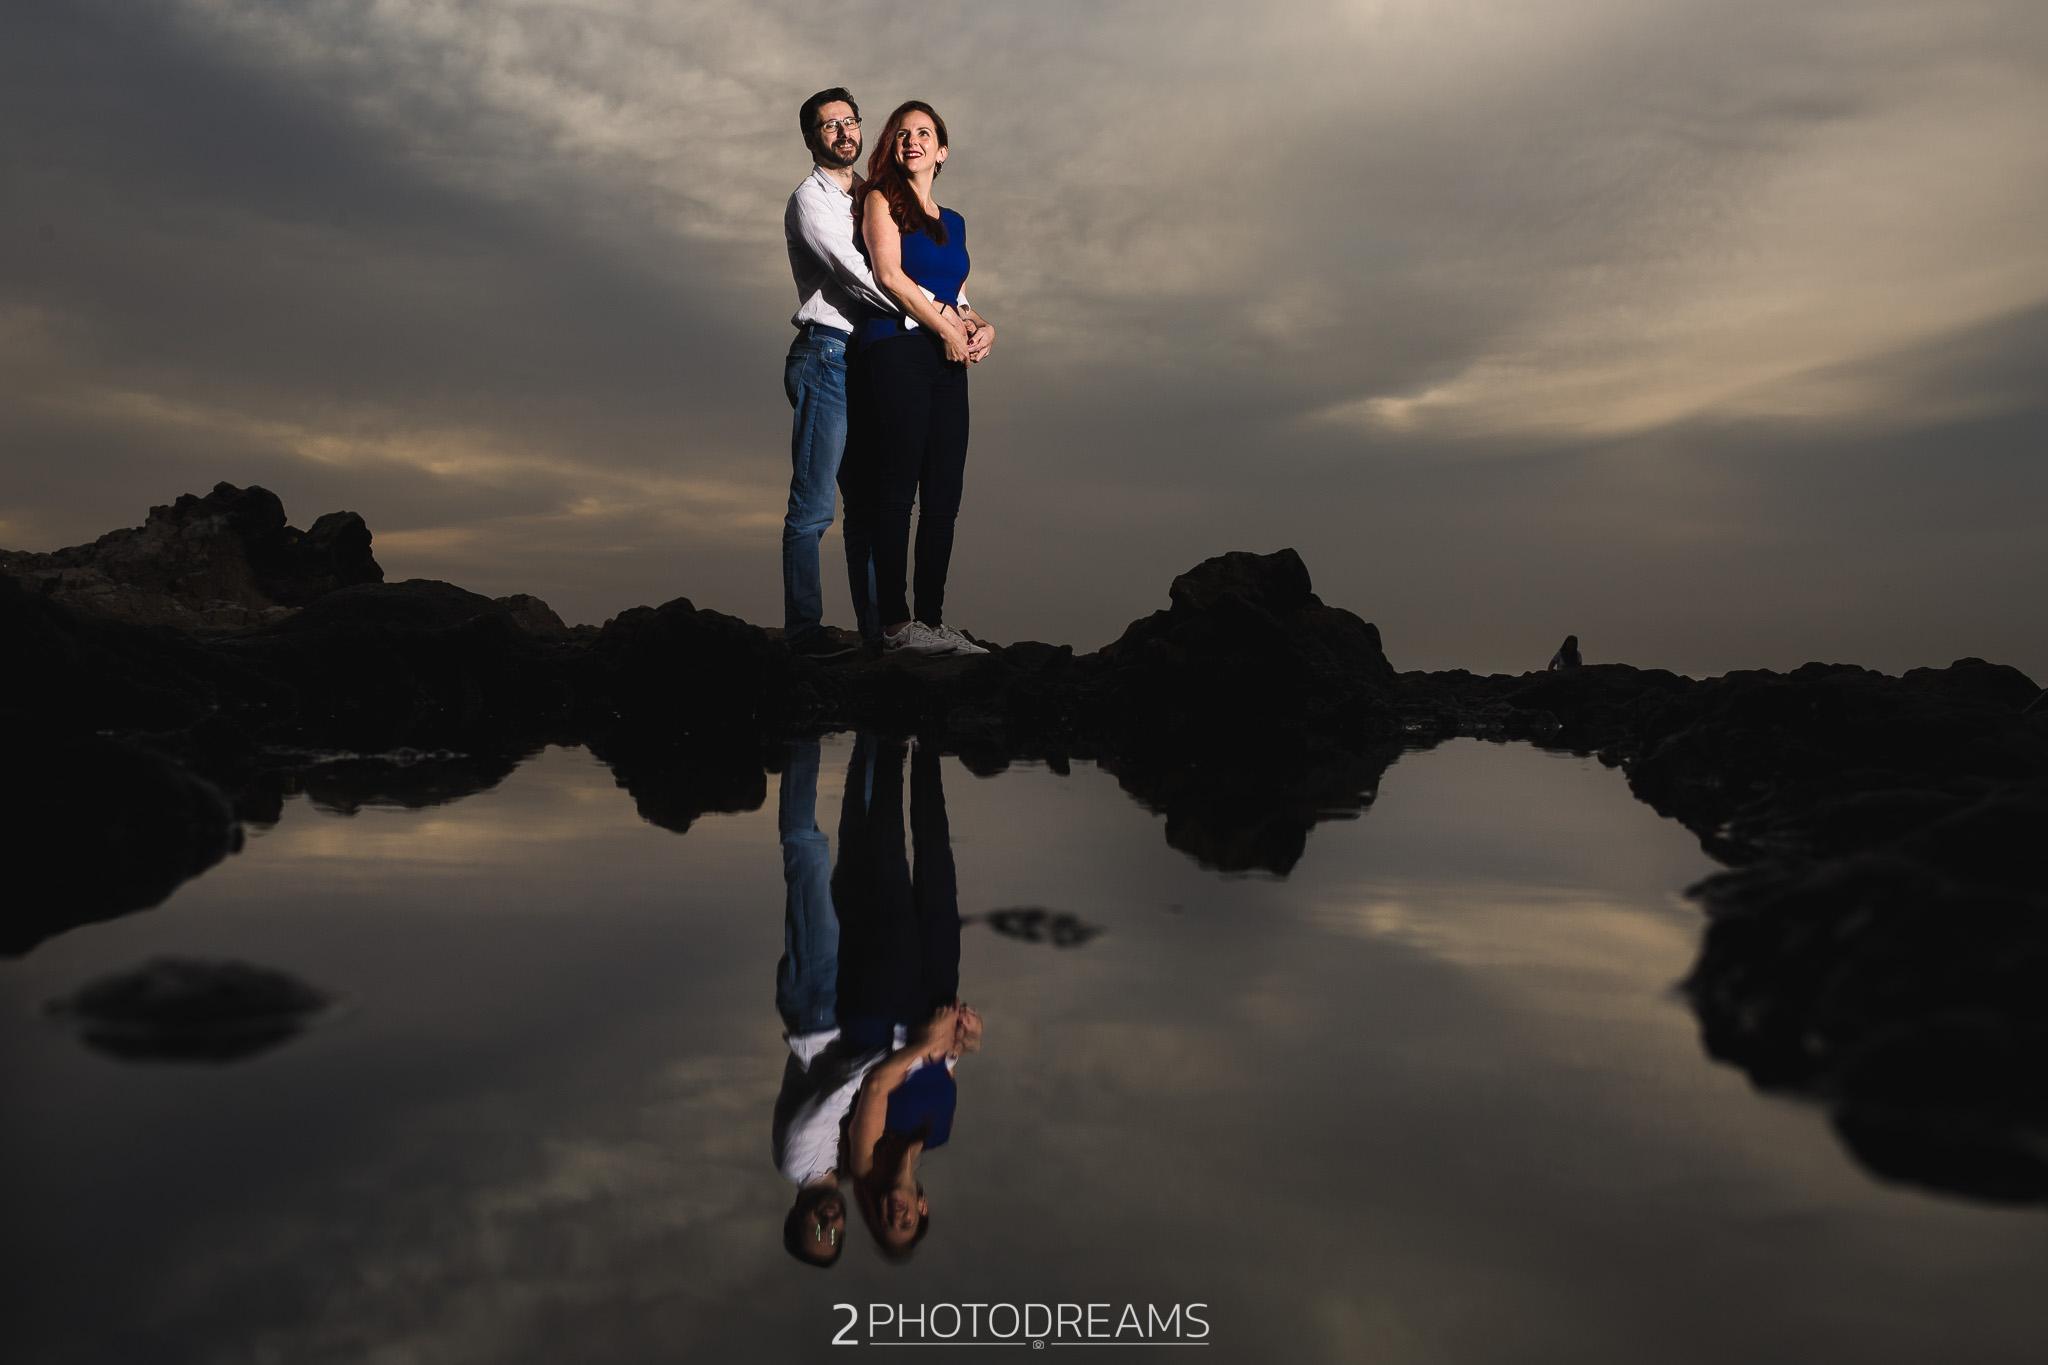 Engagement session photographer Uk England, England Wedding Photographer